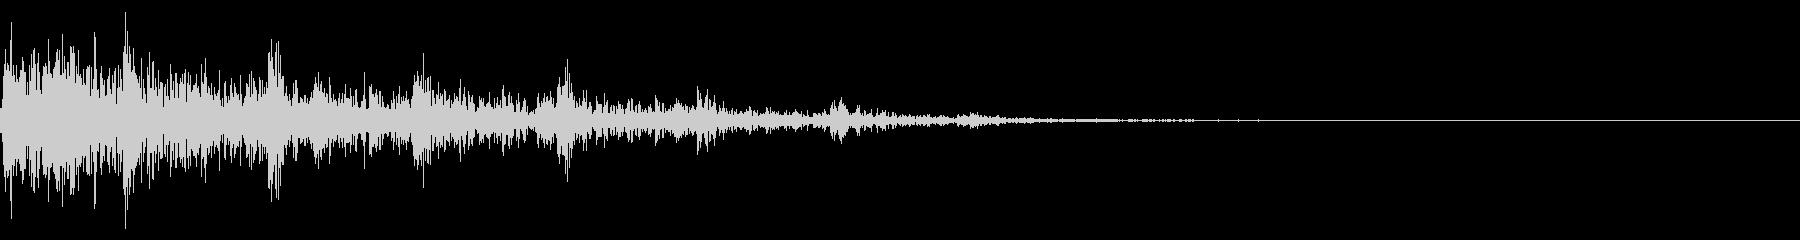 ホラー系アタック音4の未再生の波形